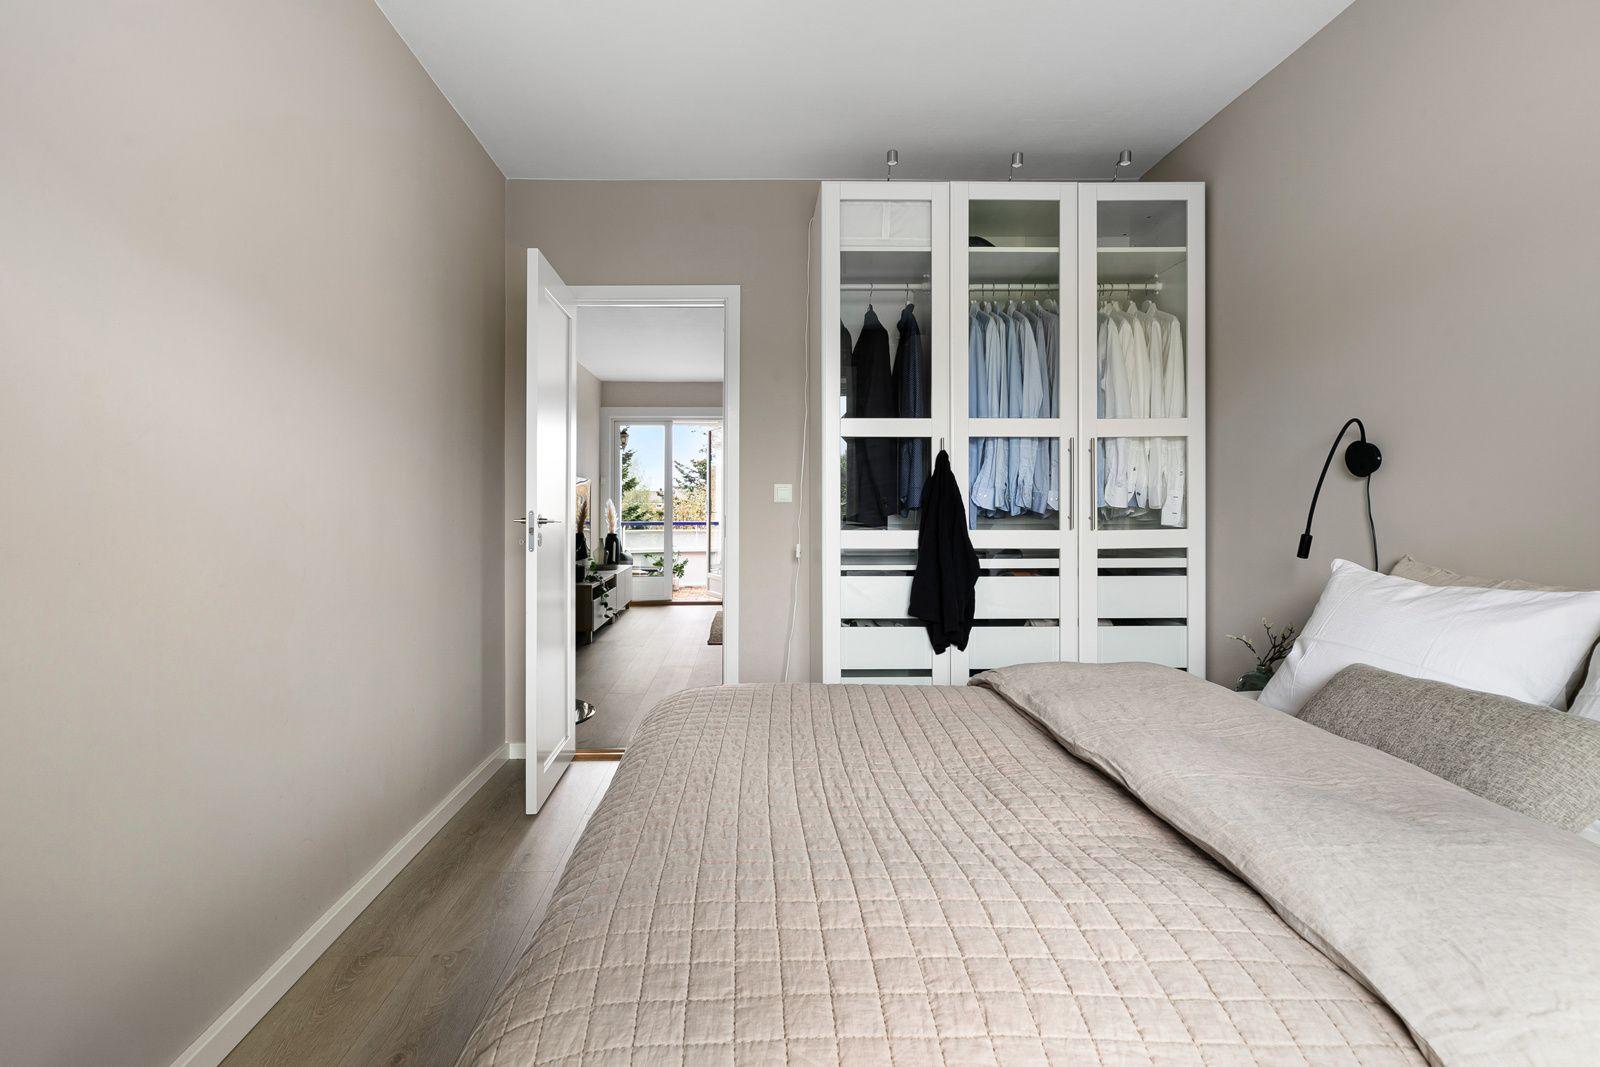 Etterstadsletta 81A Hovedsoverommet er meget romslig med god plass til dobbeltseng, nattbord og garderobeskap